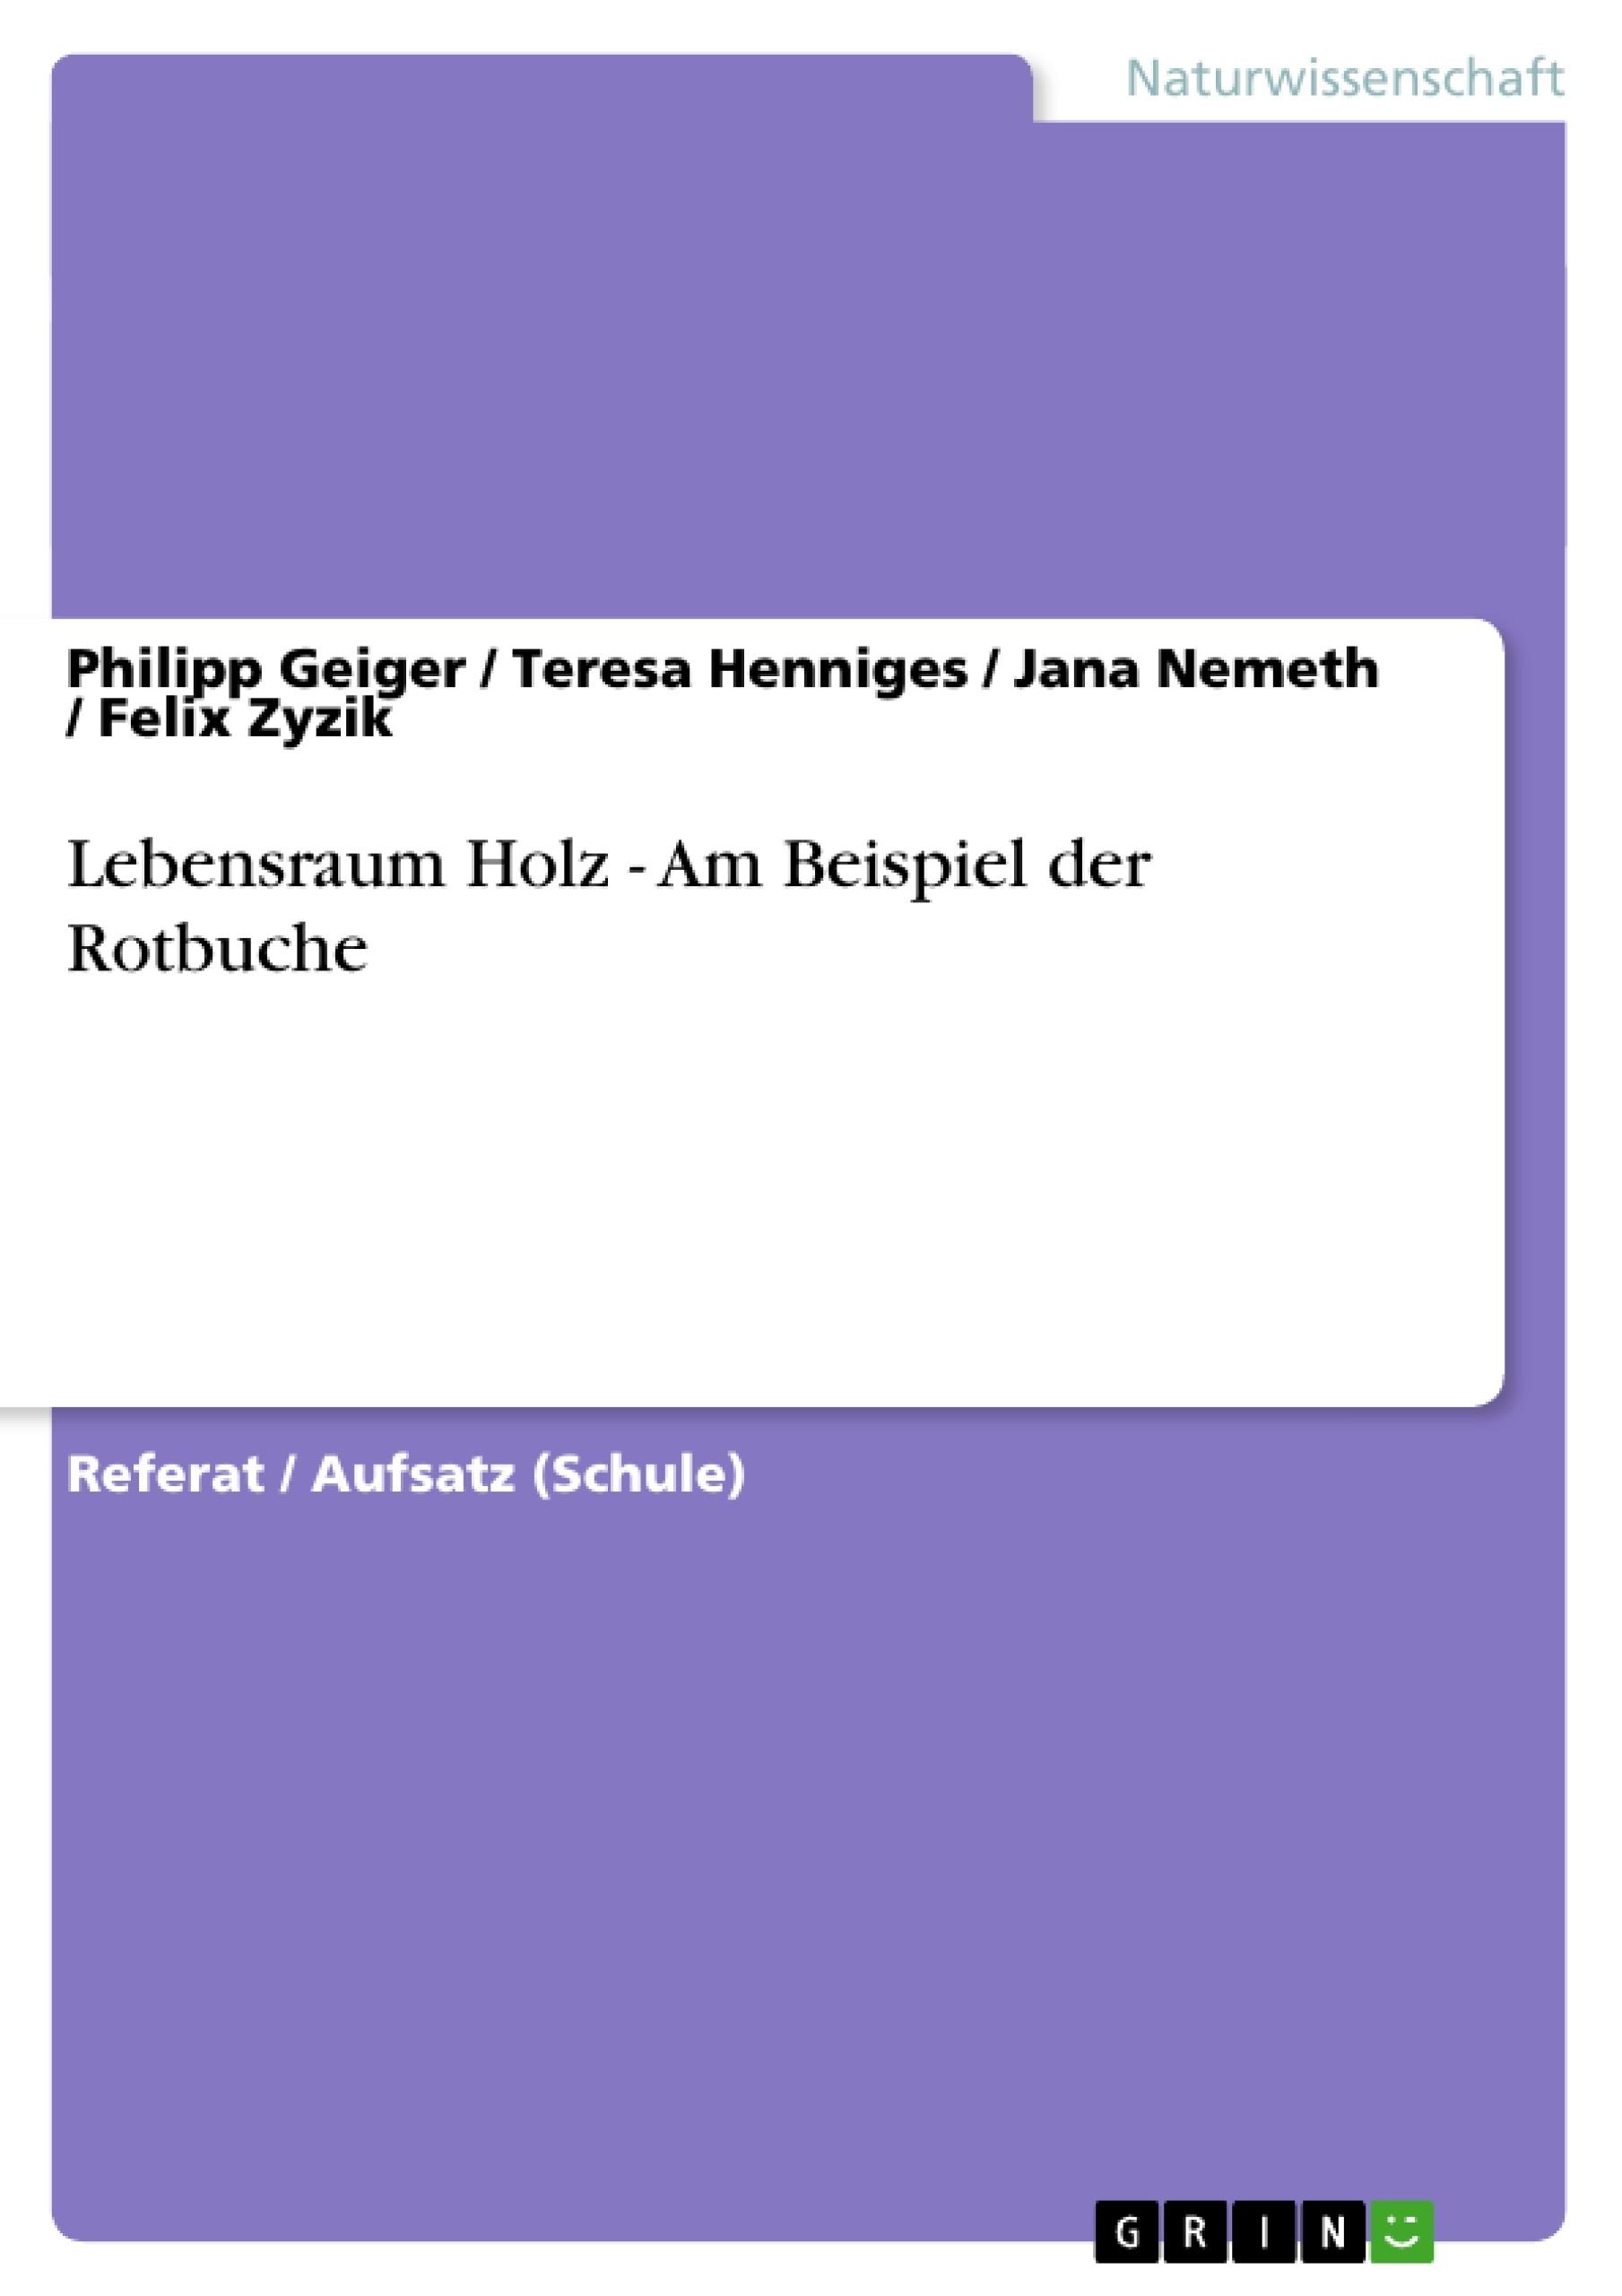 Titel: Lebensraum Holz - Am Beispiel der Rotbuche